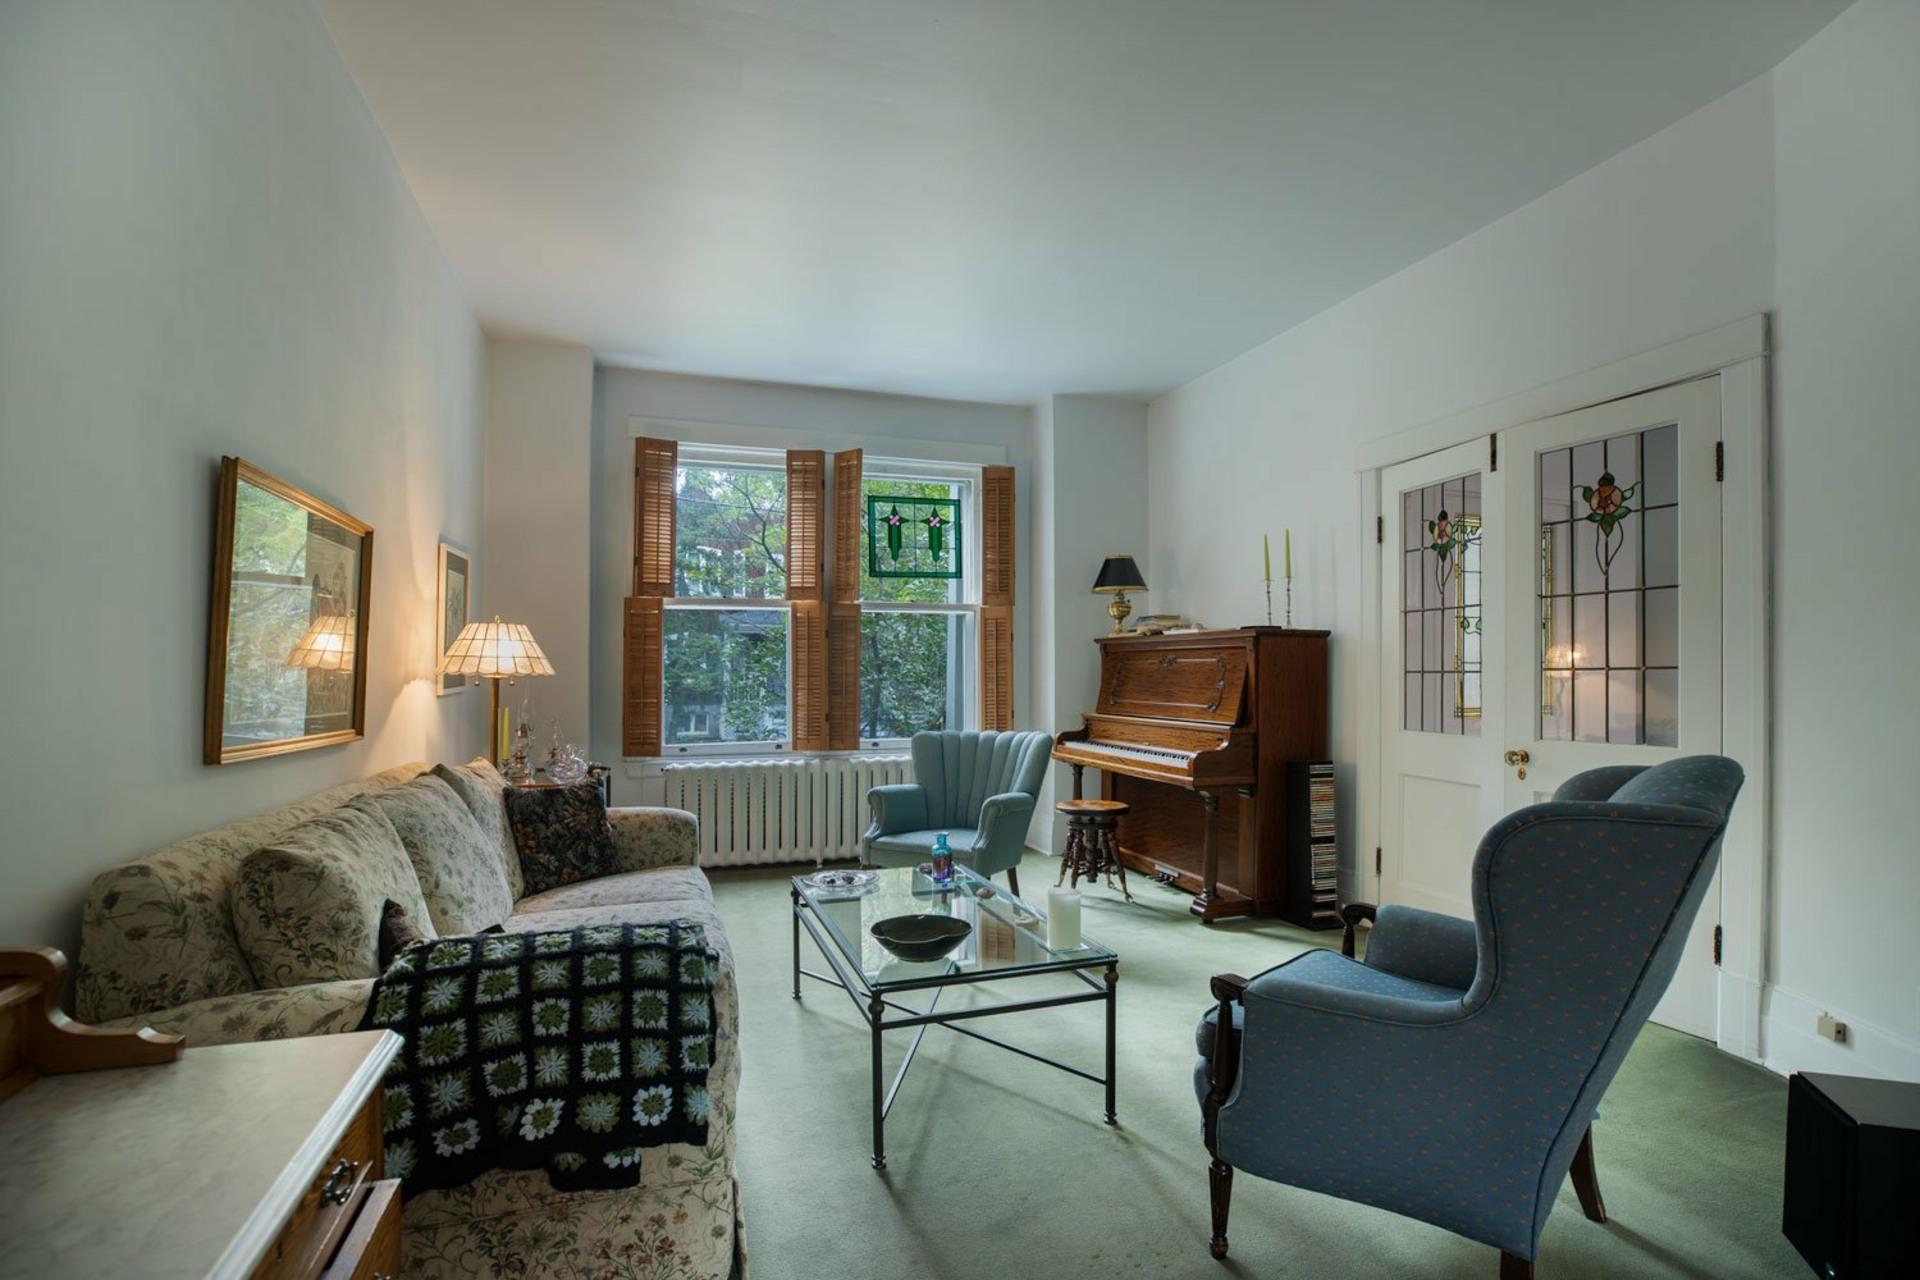 image 3 - Maison À vendre Côte-des-Neiges/Notre-Dame-de-Grâce Montréal  - 10 pièces